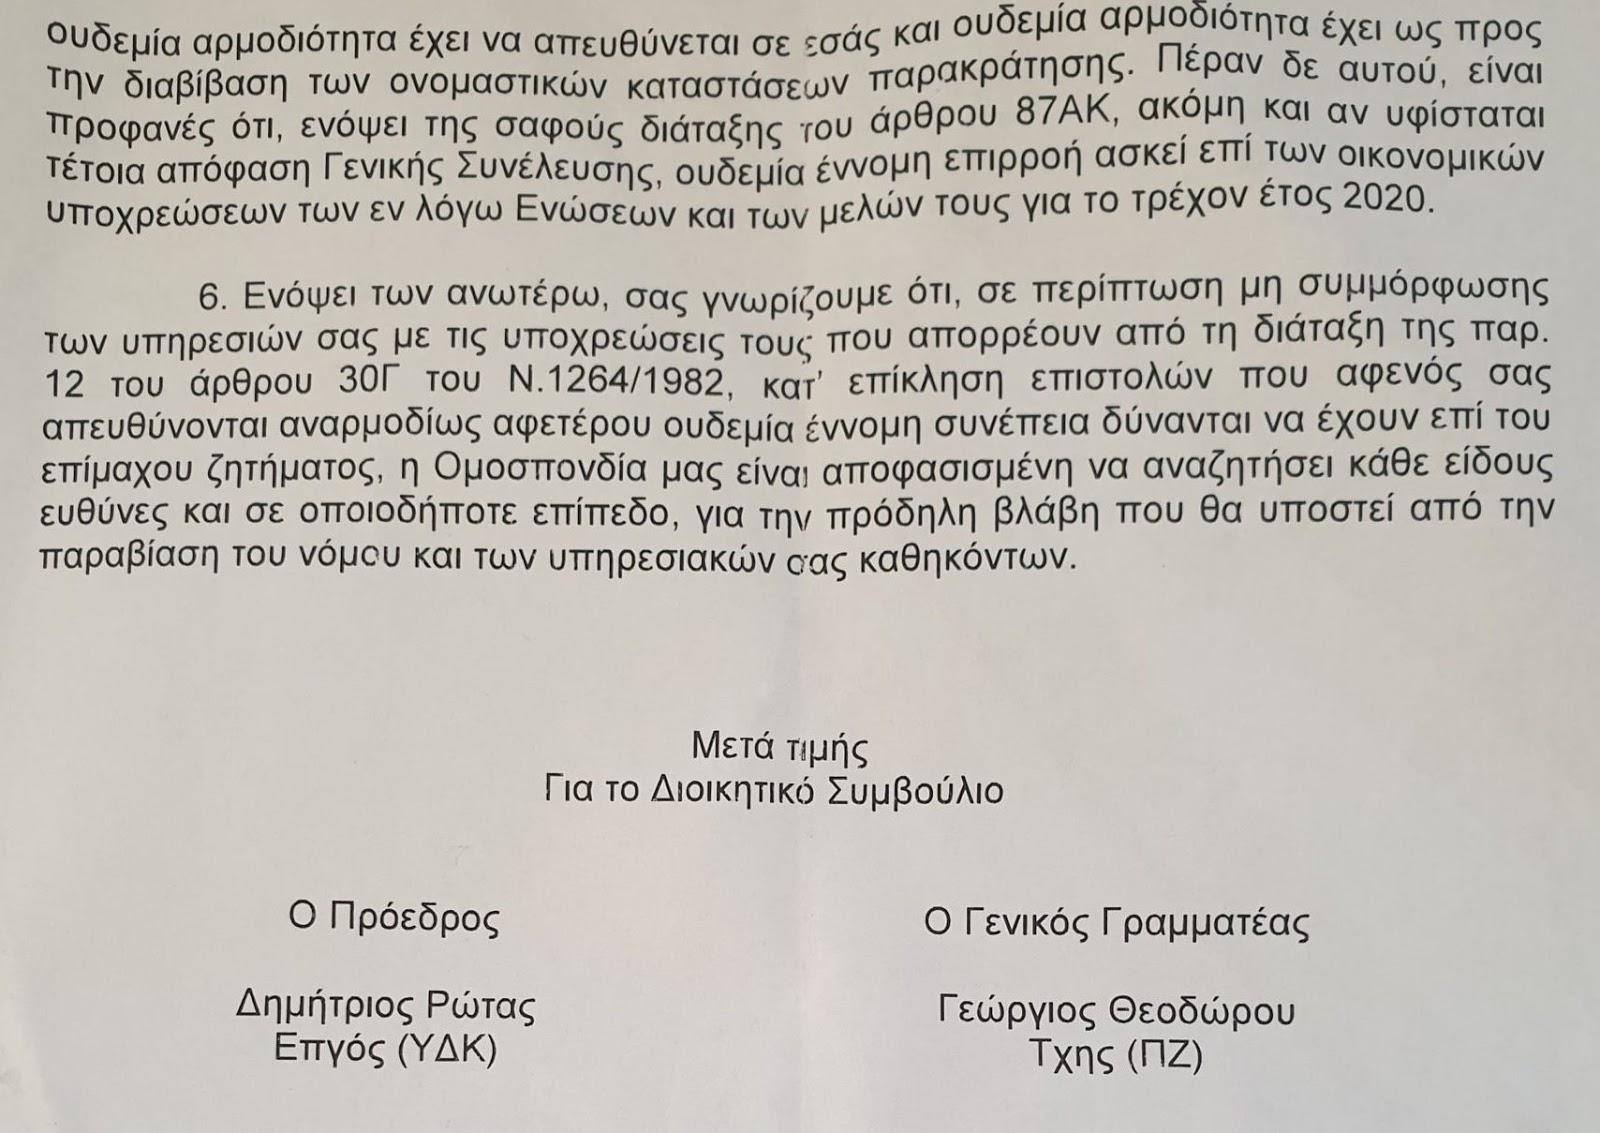 Οι συνδικαλιστές του ΥΕΘΑ ζητάνε λεφτά στελεχών για συνδρομές μελών από τα Γενικά Επιτελεία - Φωτογραφία 3